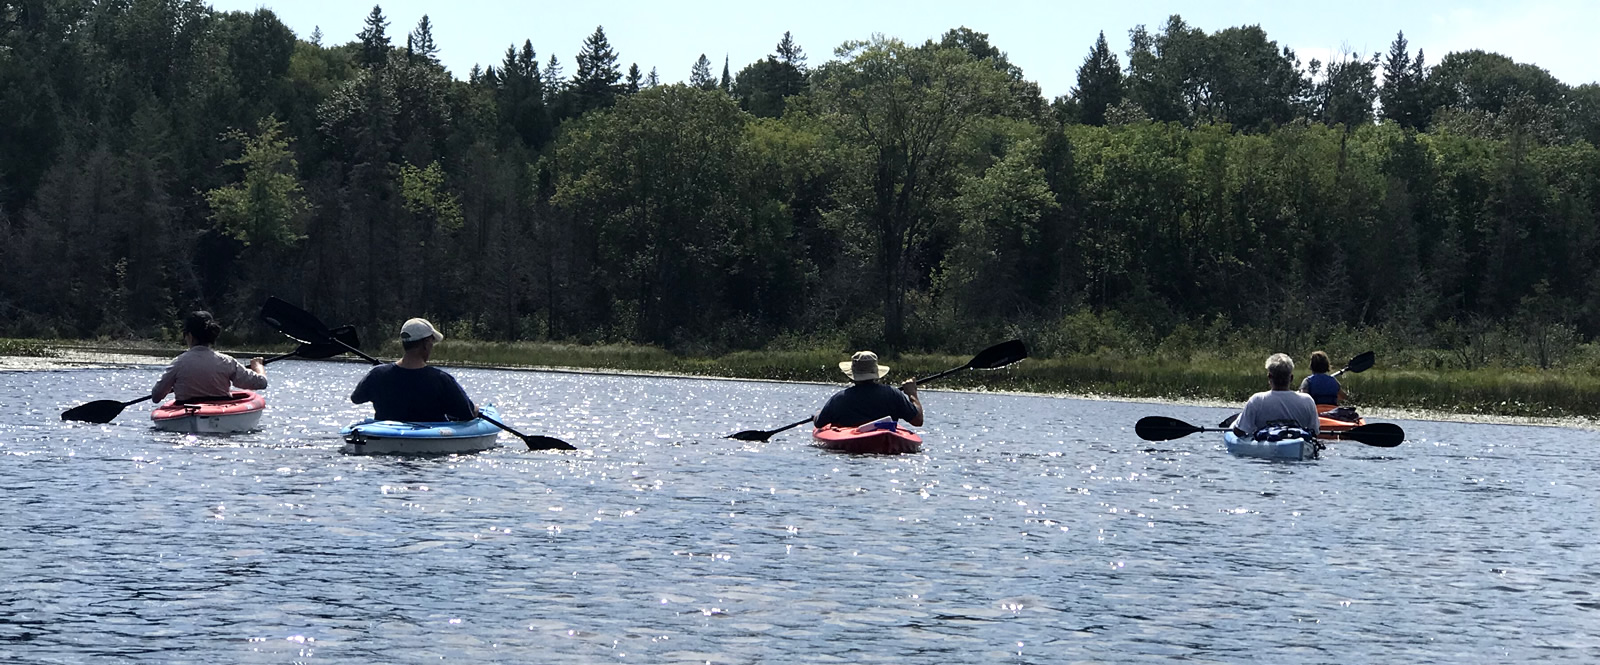 5 kayakers paddling down Beaver Creek